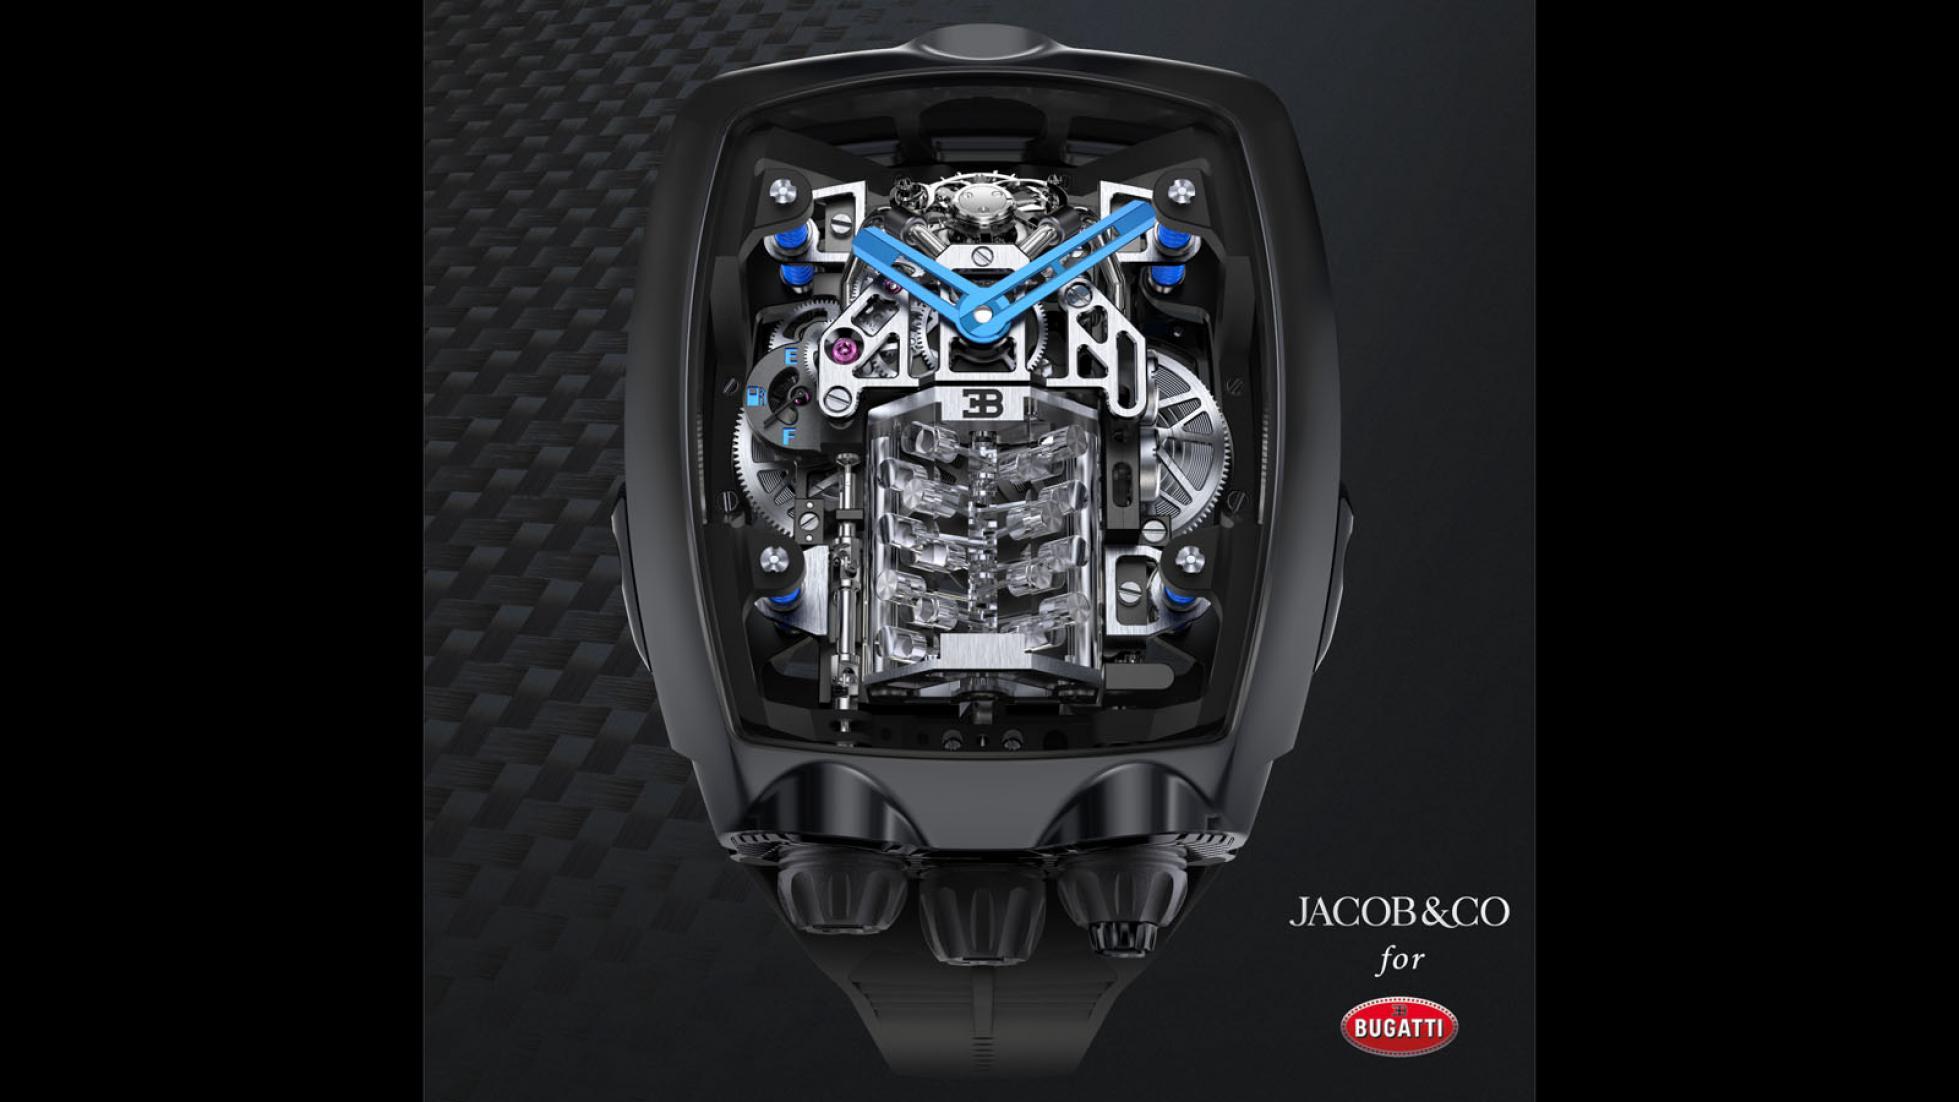 Hodinky Bugatti majú cenu drahého auta a miniatúrny šestnásťvalec Xb2AbWfg7R jacob-co-bugatti-chiron